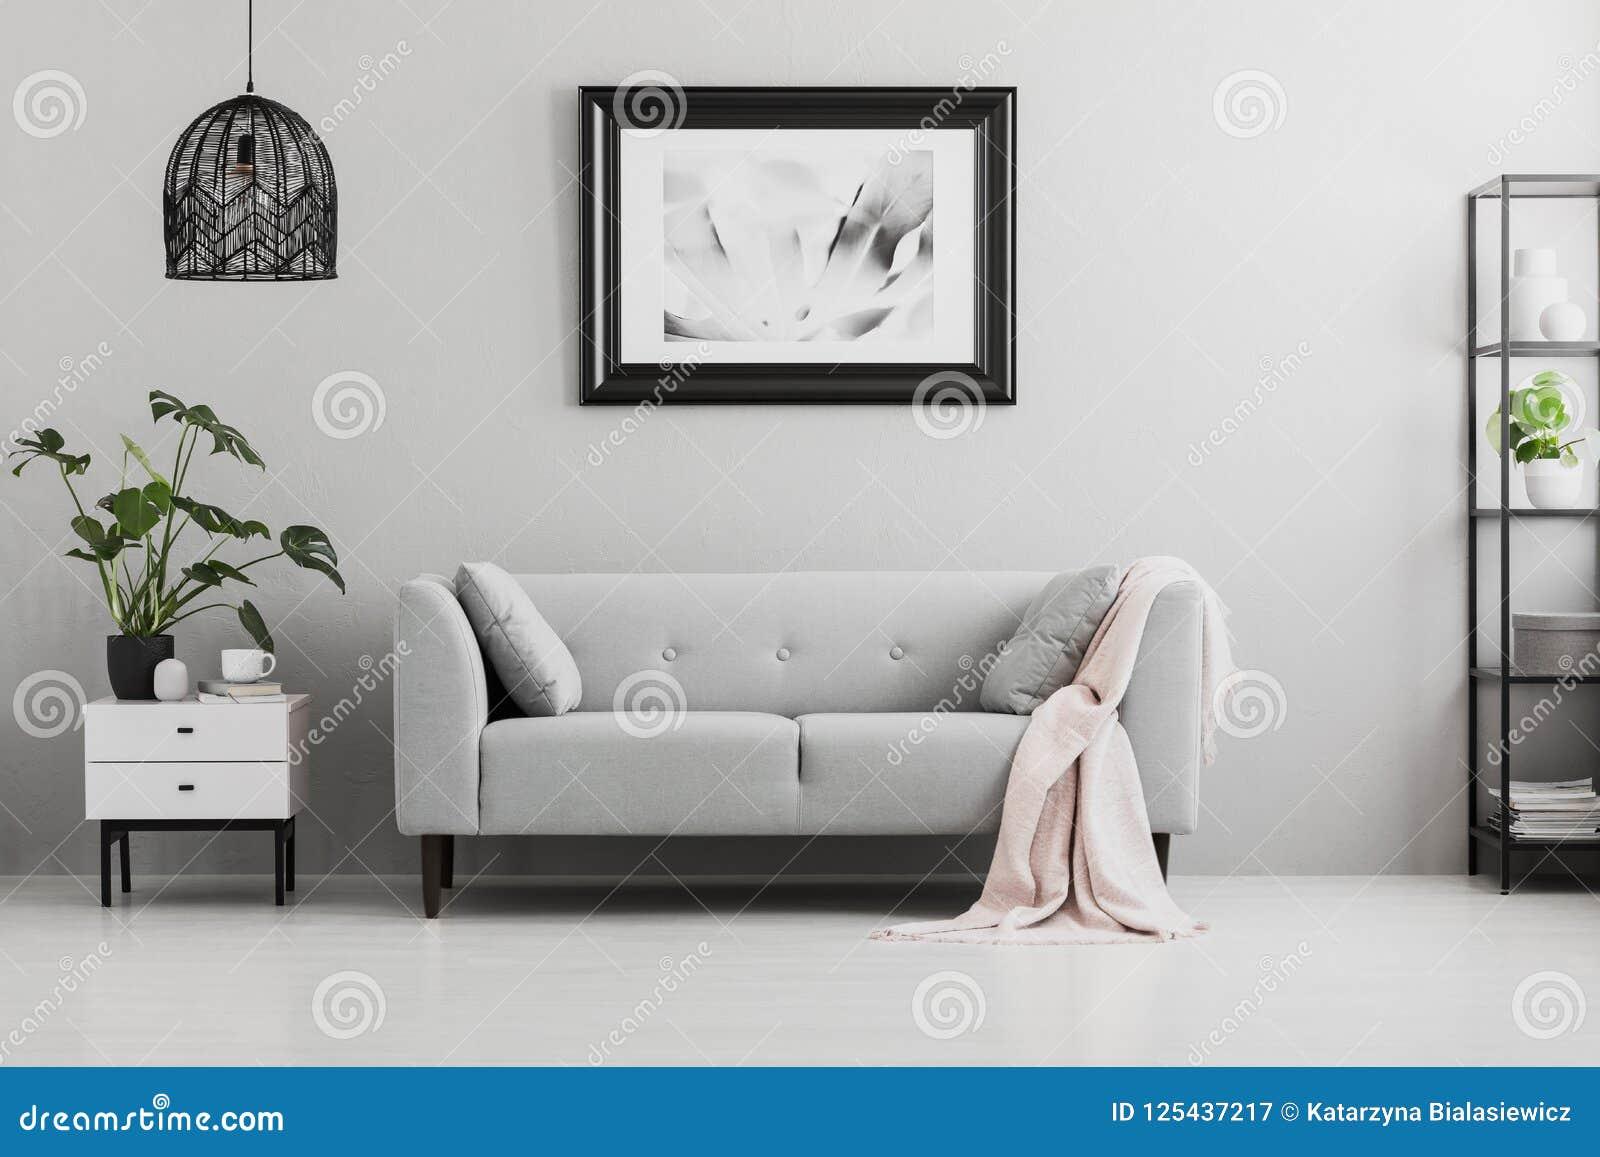 Plakatowa above popielata kanapa z różową koc w żywym izbowym wnętrzu